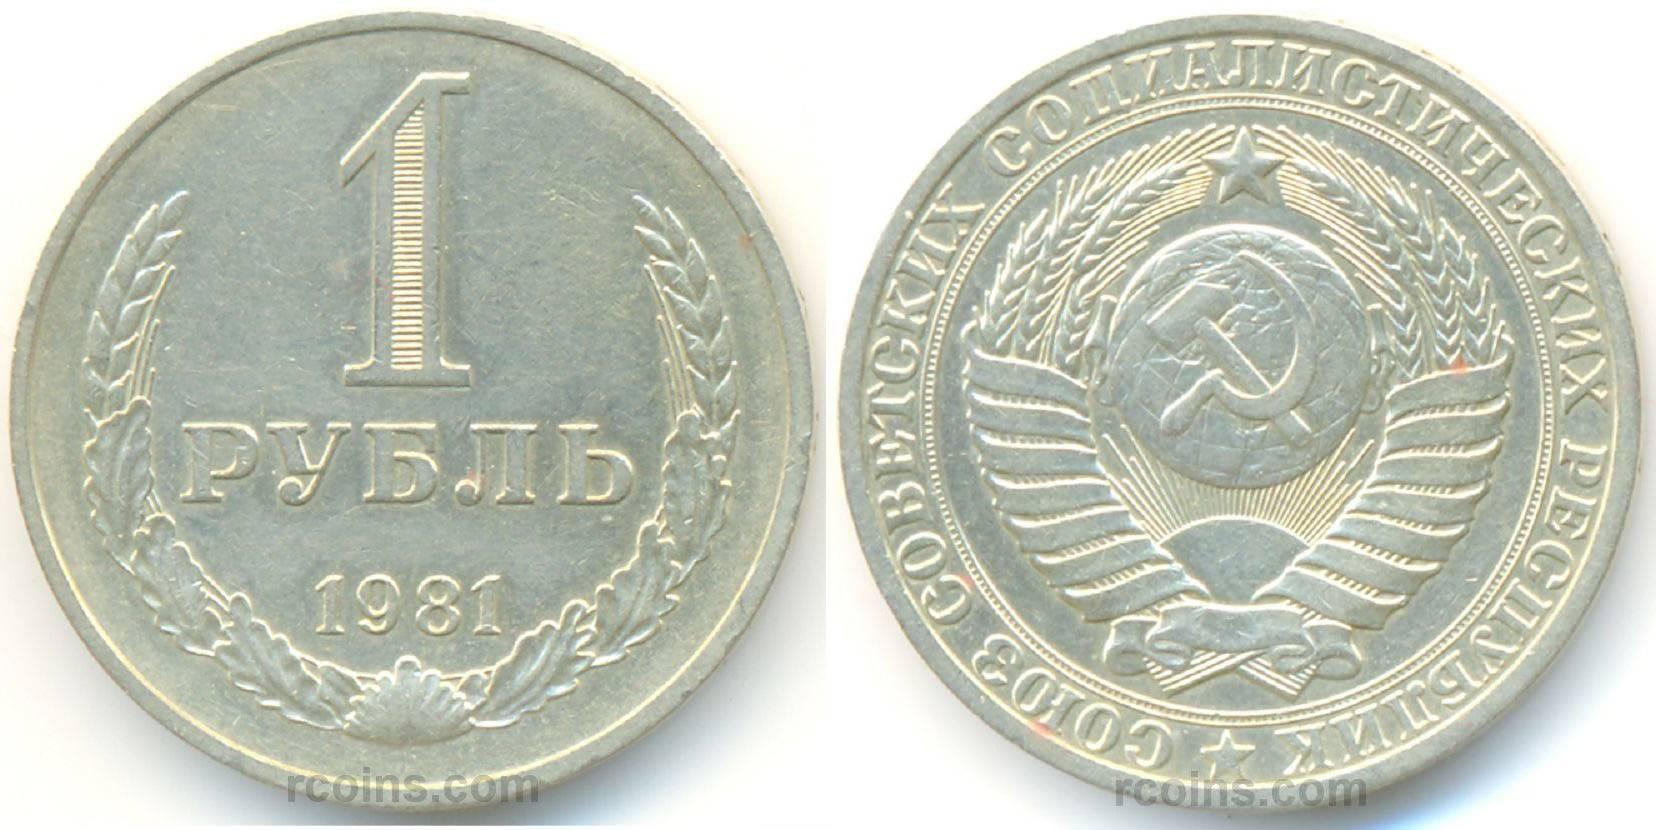 a1-rubl-1981.jpg